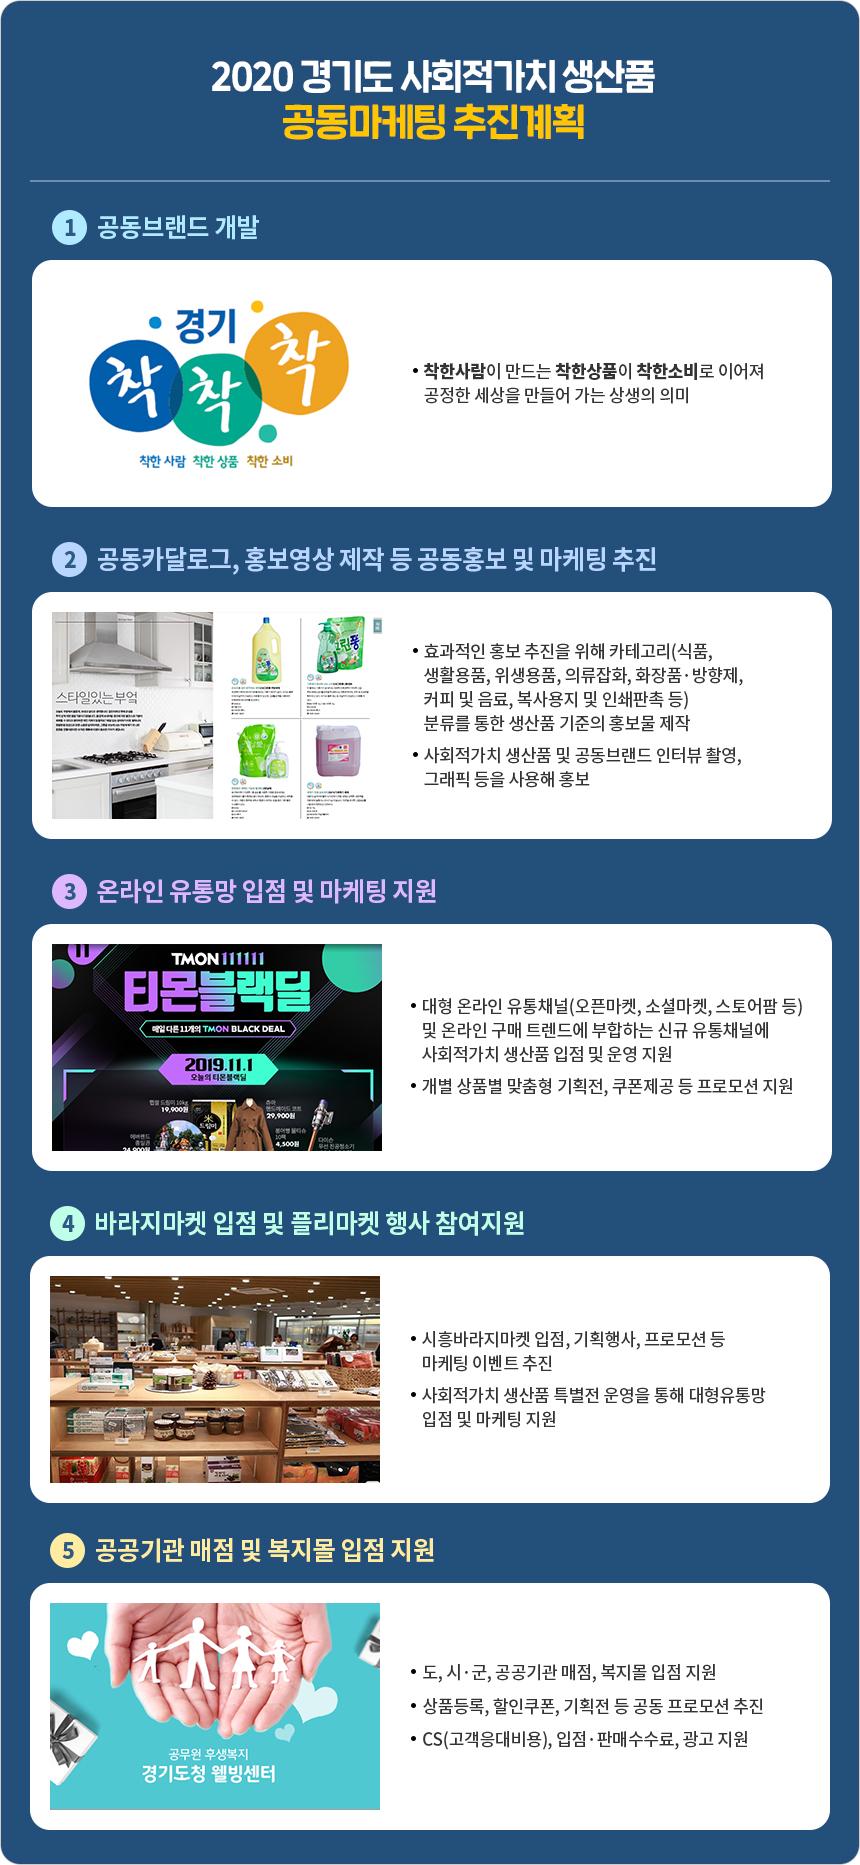 2020 경기도 사회적가치 생산품 공동마케팅 추진계획 상세내용 하단 참조